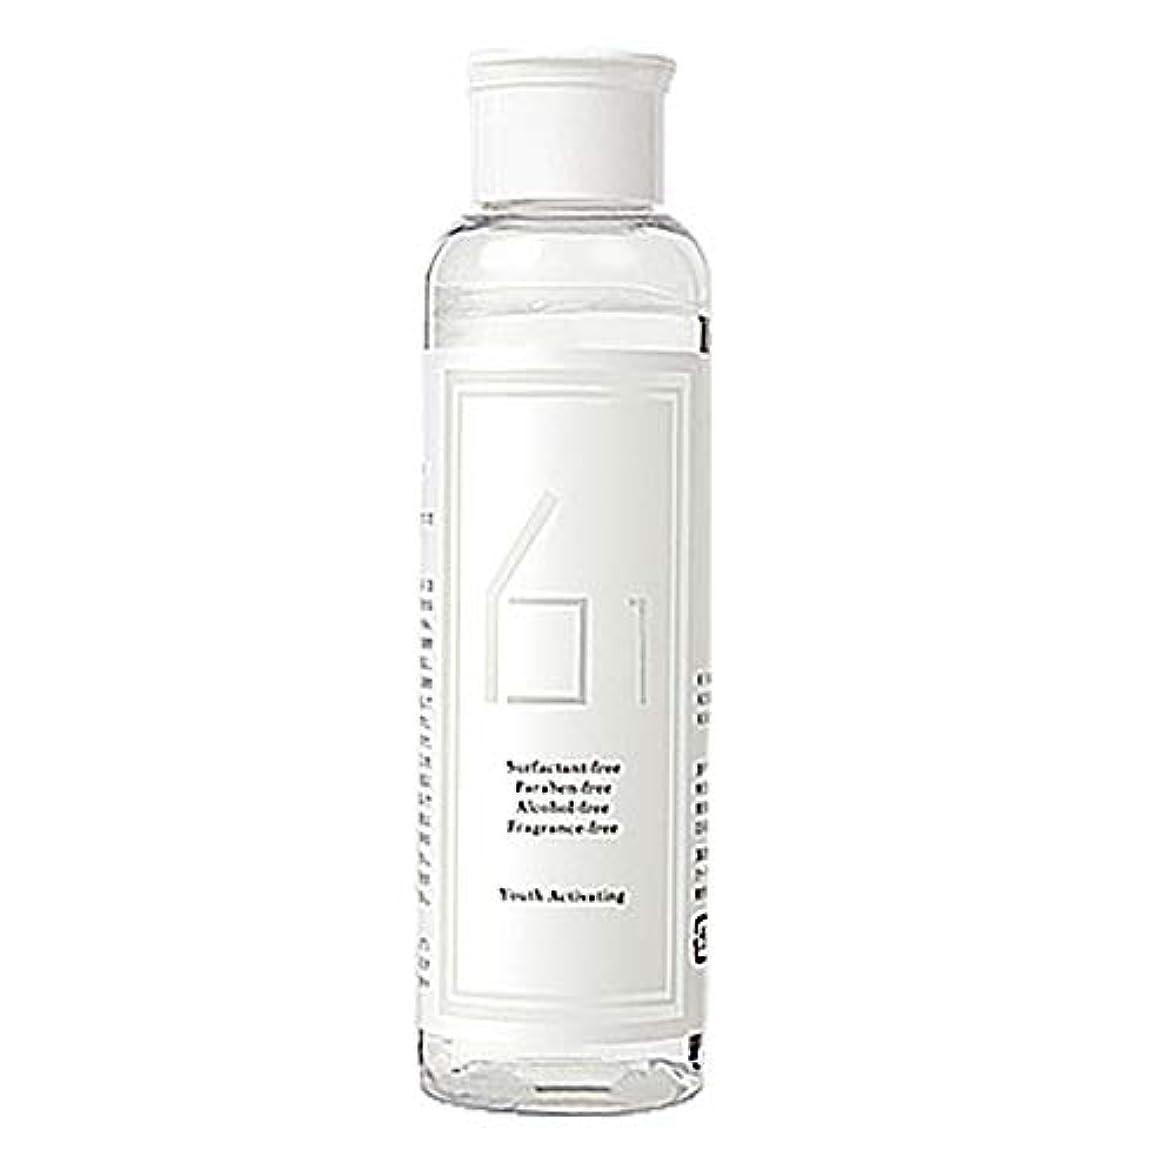 レモンエジプト狂乱61 (ロクイチ) 化粧水 乳酸菌 H61 配合 150ml (1本)